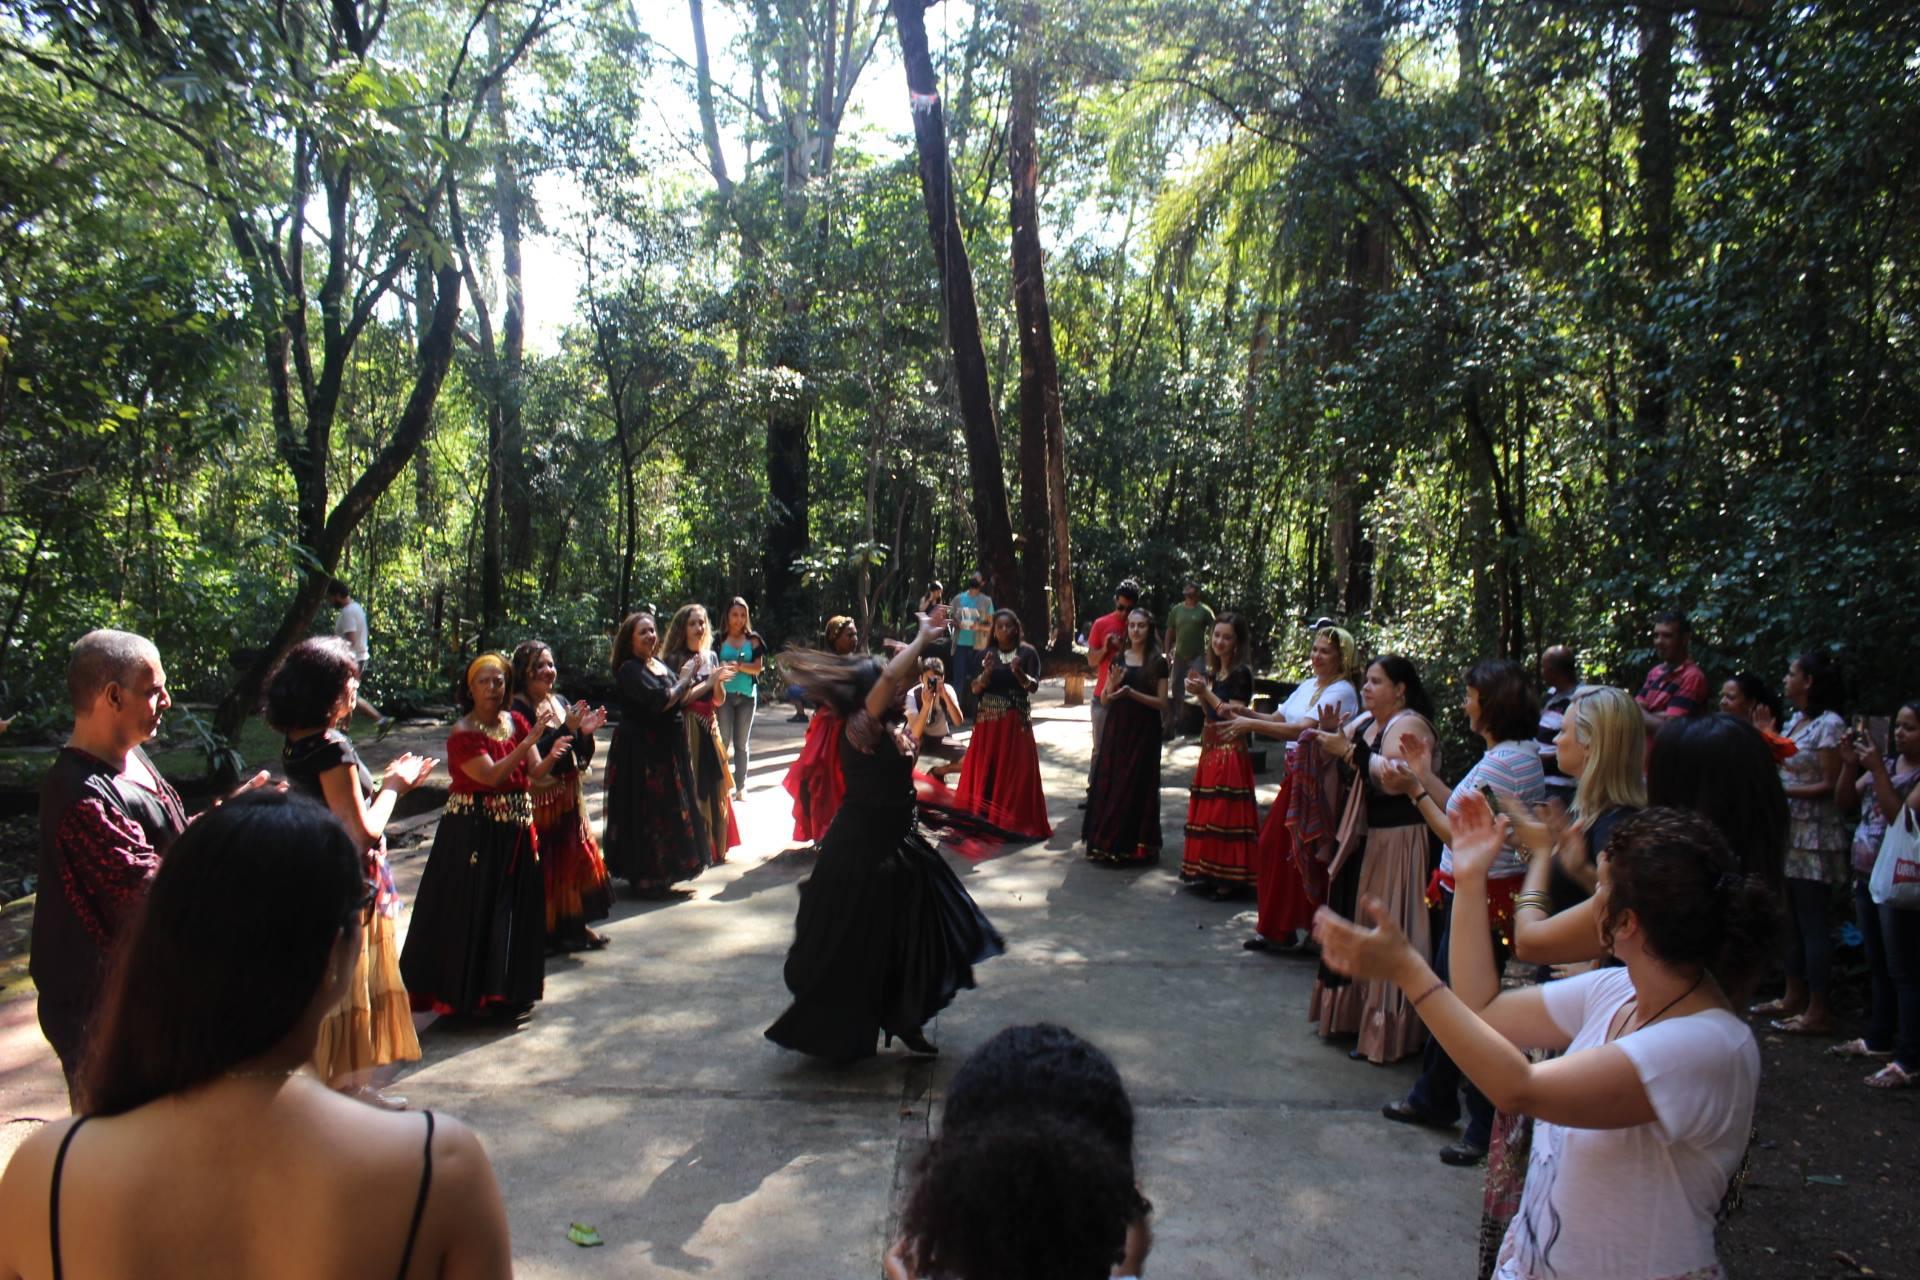 Oficina de dança cigana na sexta edição do Domingo no Campus. Foto: Zirlene Lemos / Proex-UFMG